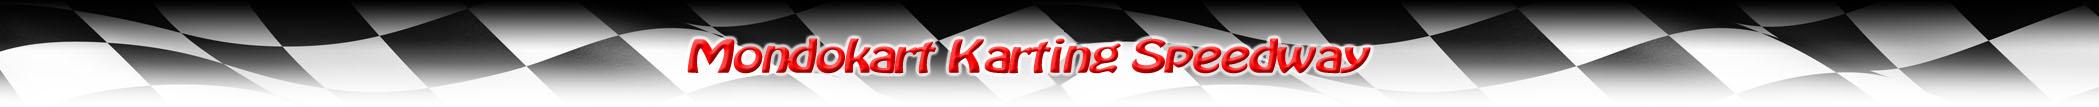 Mondokart_Karting_Speedway